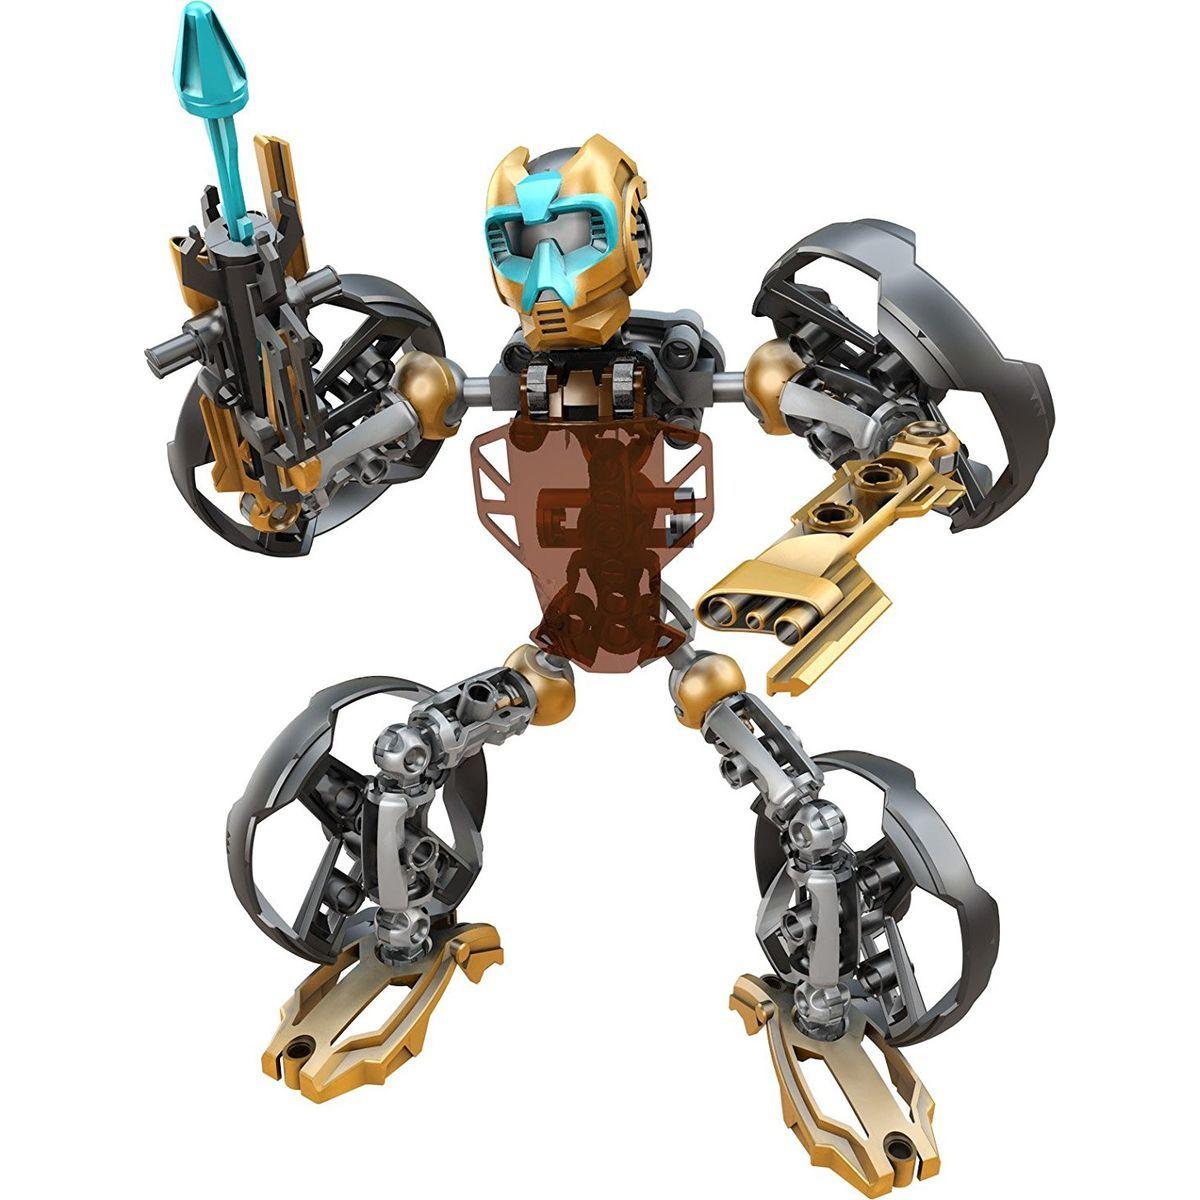 Megabloks Neo Machines Quadrock